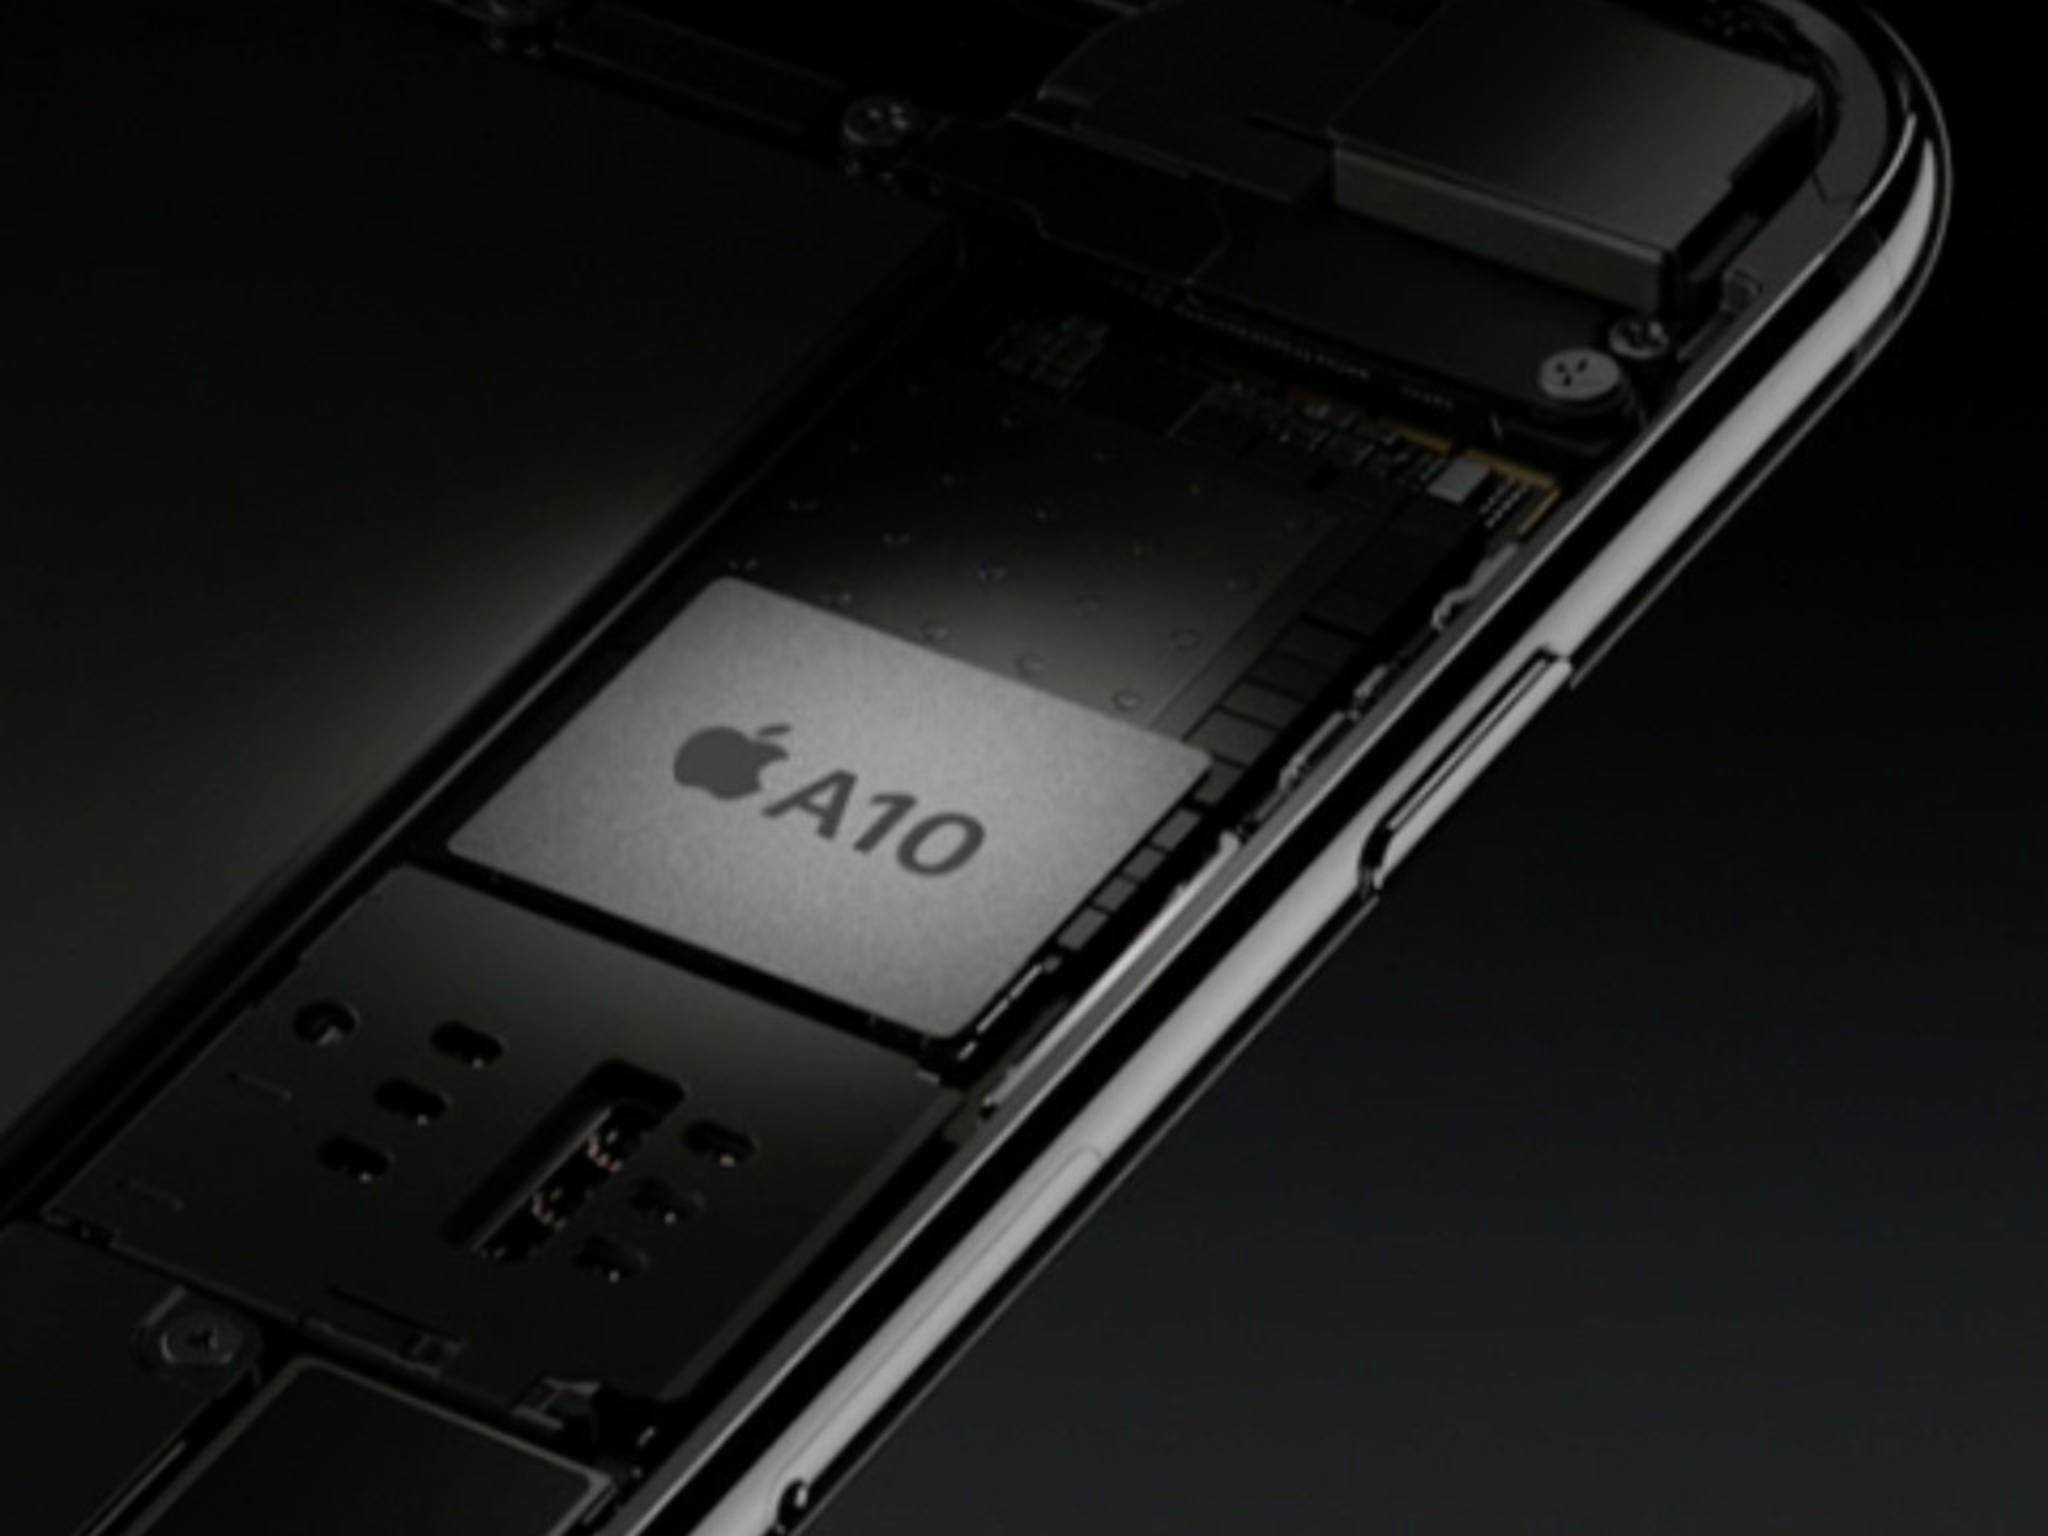 Der Apple A10 Fusion hat sich als der aktuell schnellste mobile Chip erwiesen.